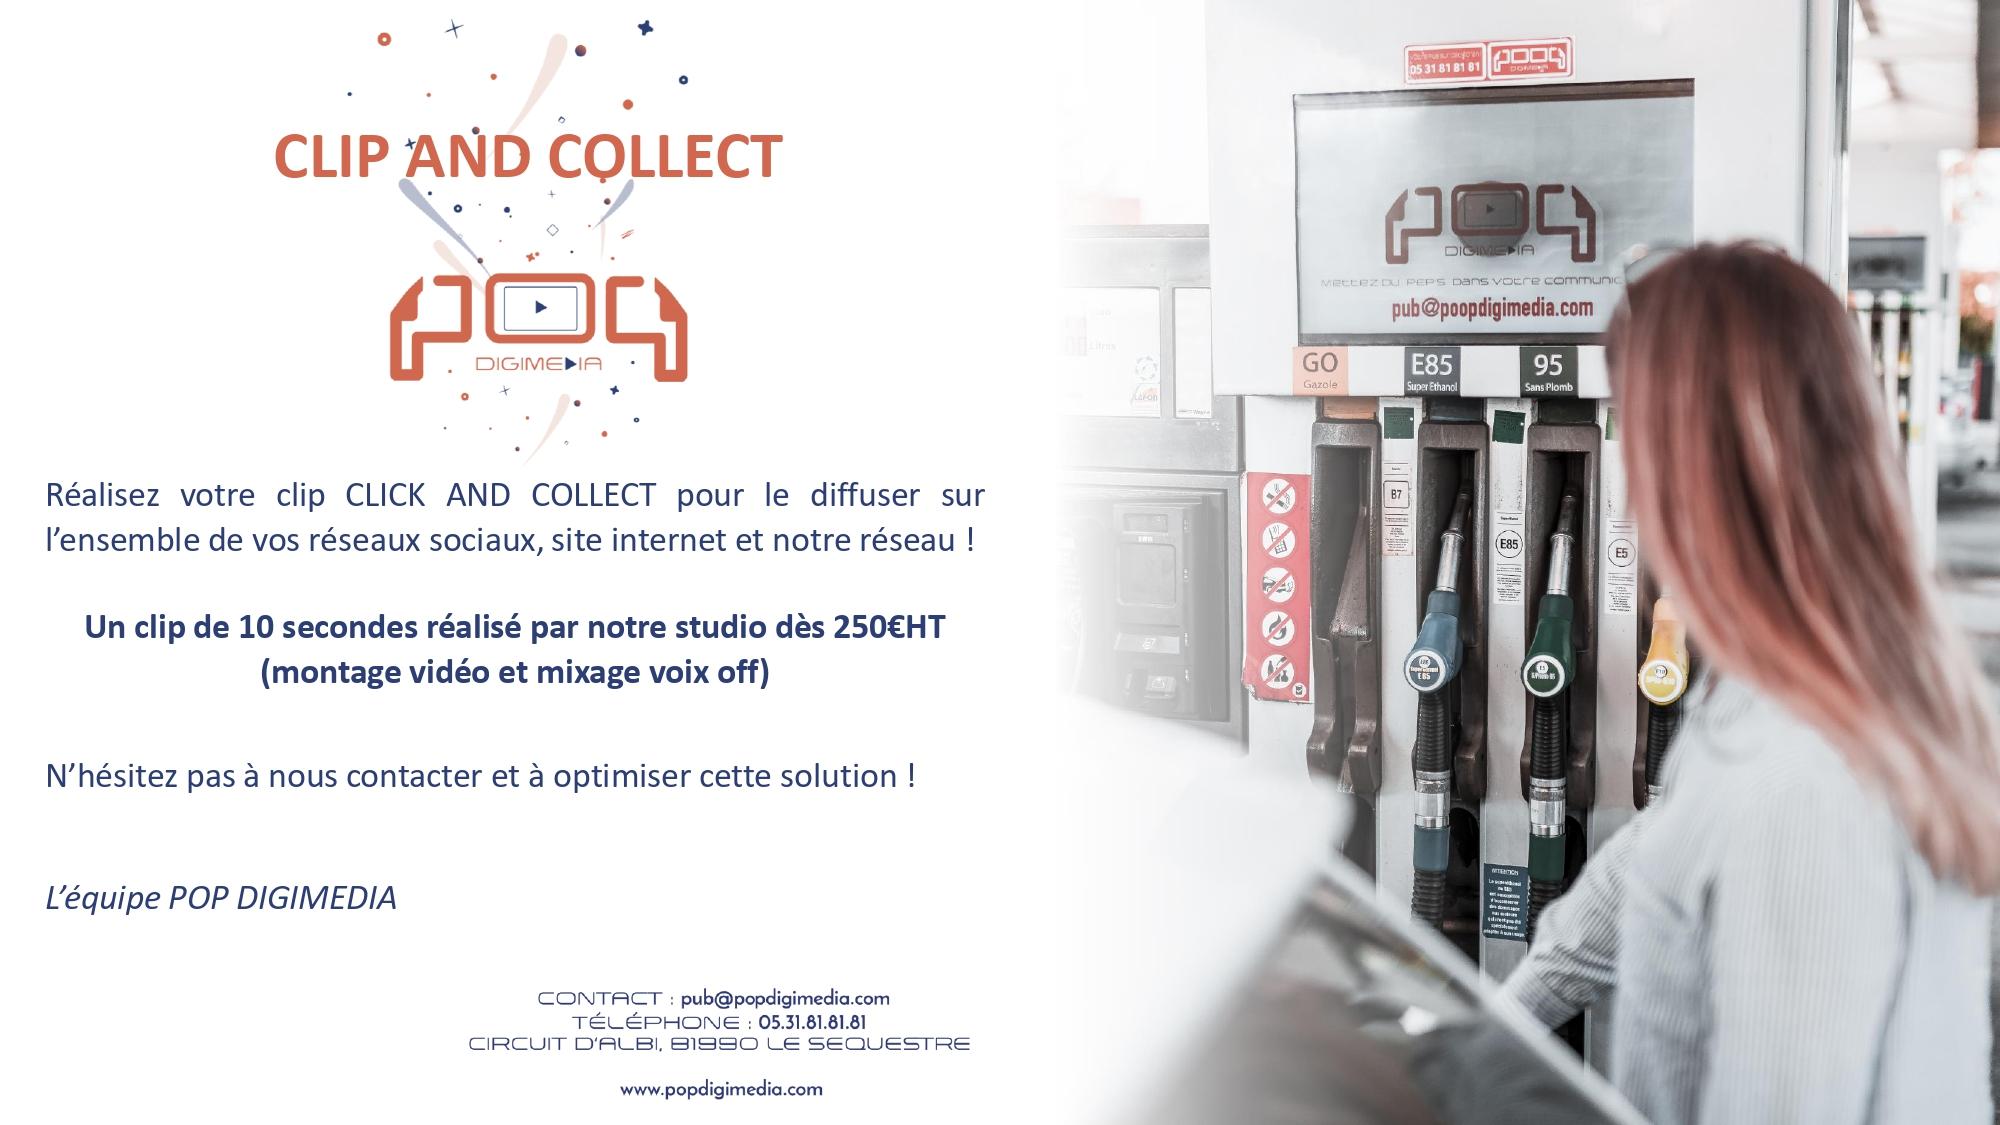 Offre Clip and Collect pour vos Click and collect un concept de communication digitale